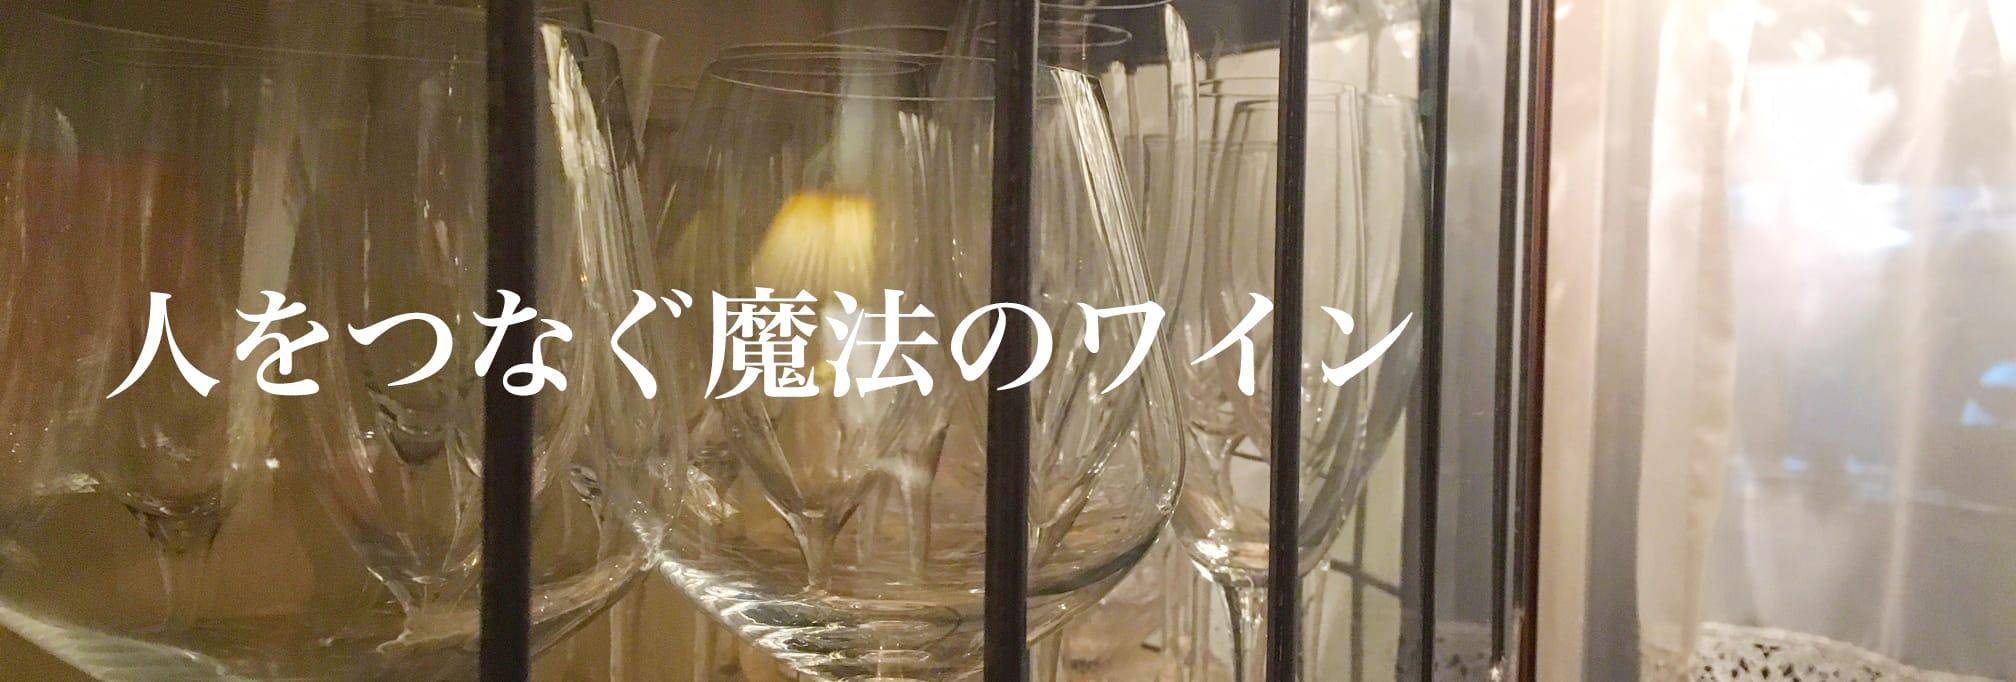 """北国の食材から〜美と食の体験型サロン""""ノーザンファーム""""〜"""